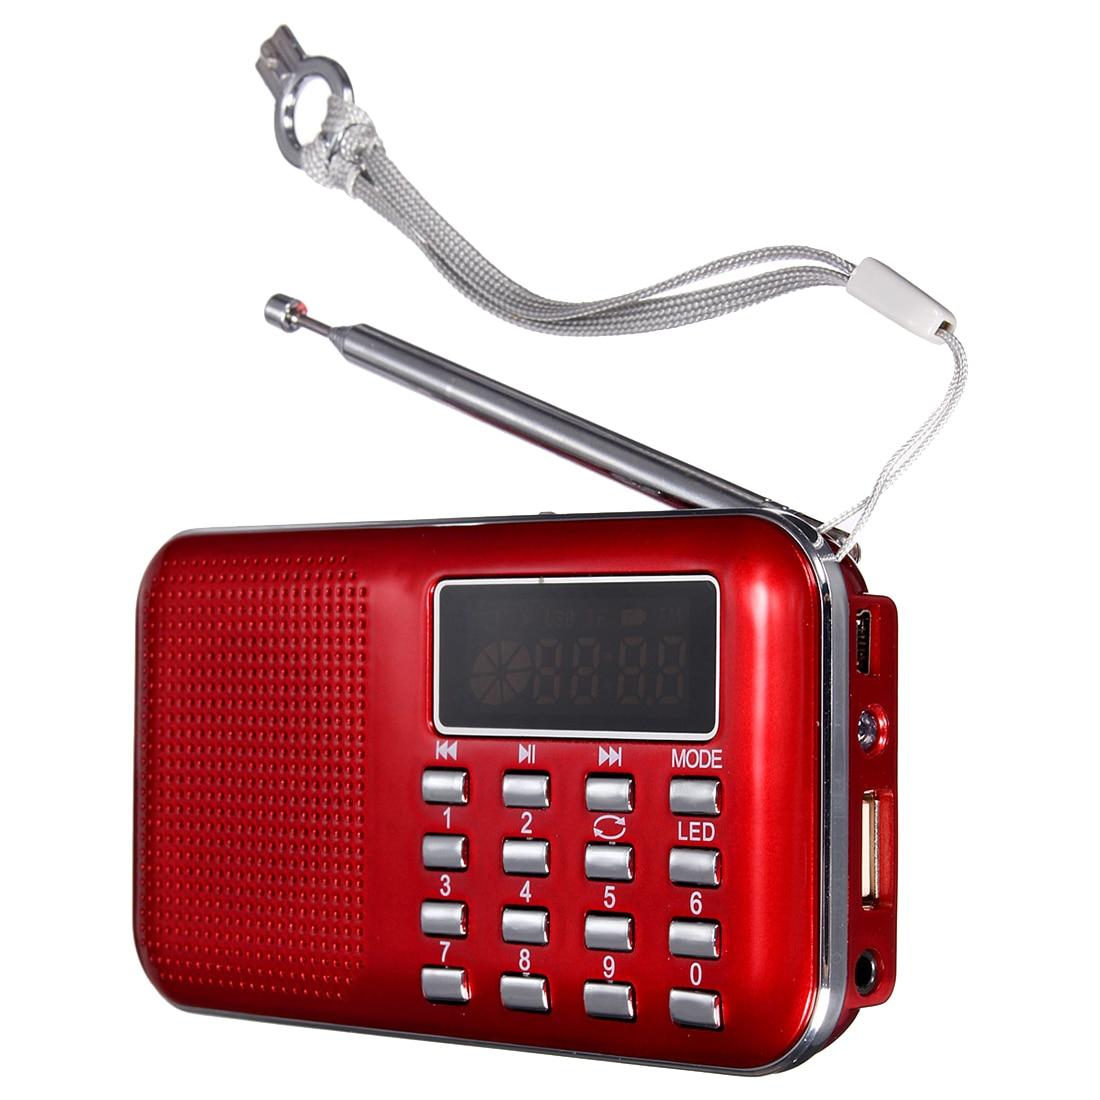 Mini Radio FM Portatile Digitale Speaker USB Micro SD TF Card Mp3 Music Lettore